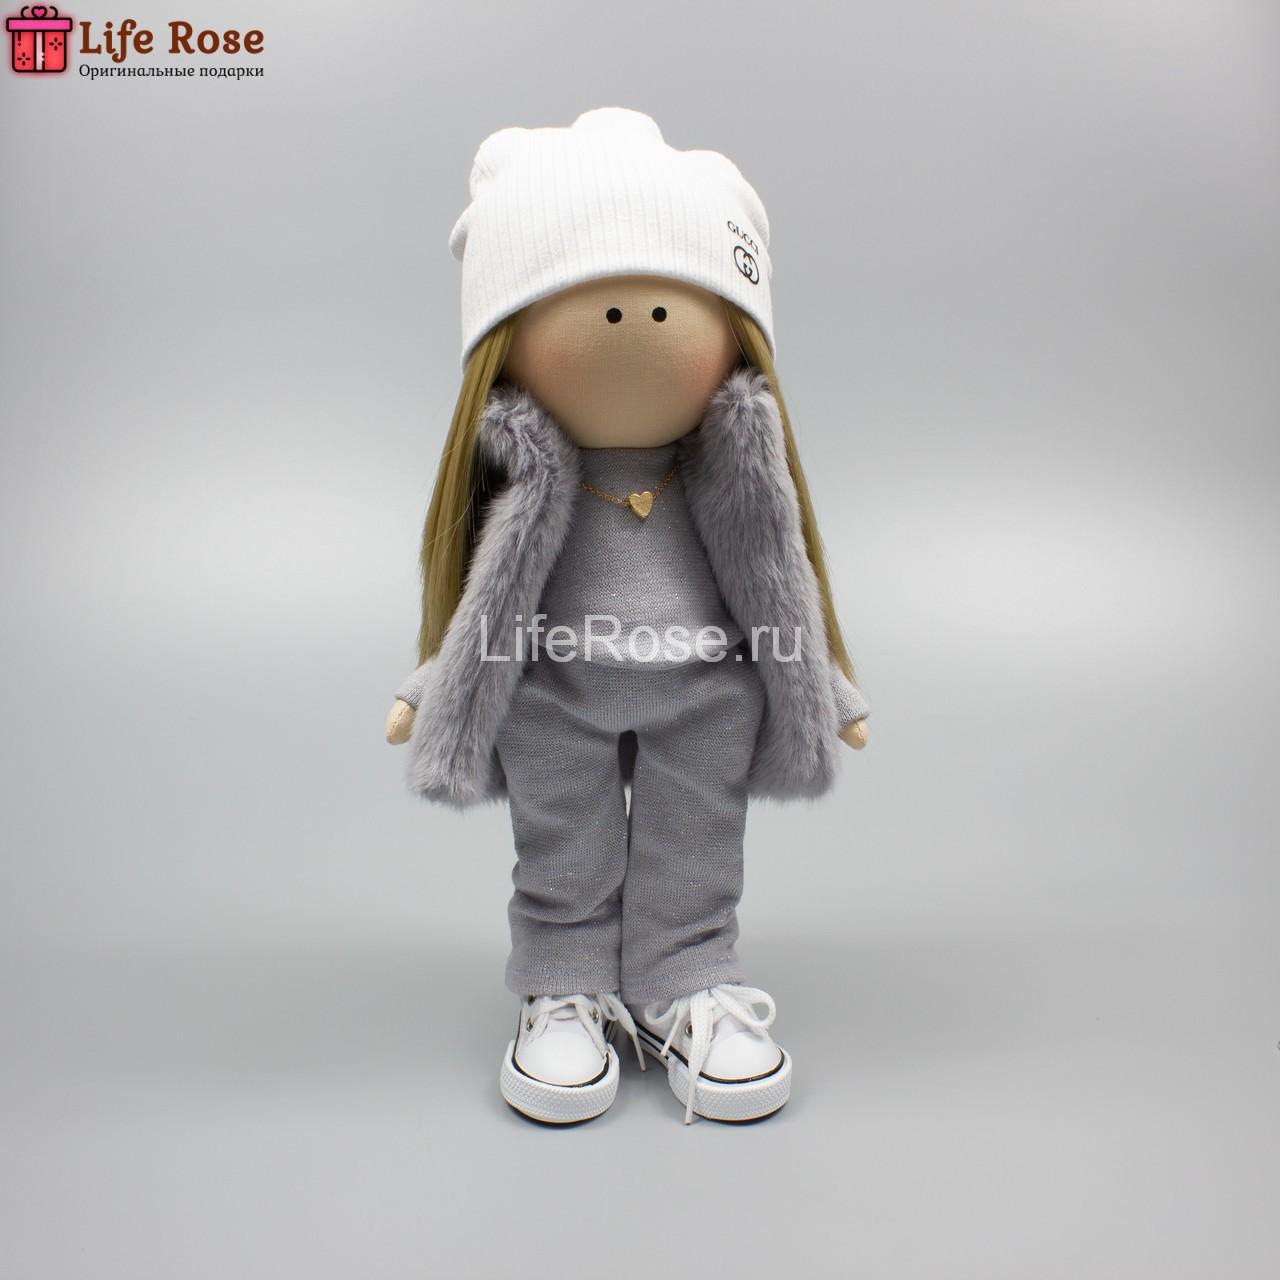 Кукла ручной работы Муза